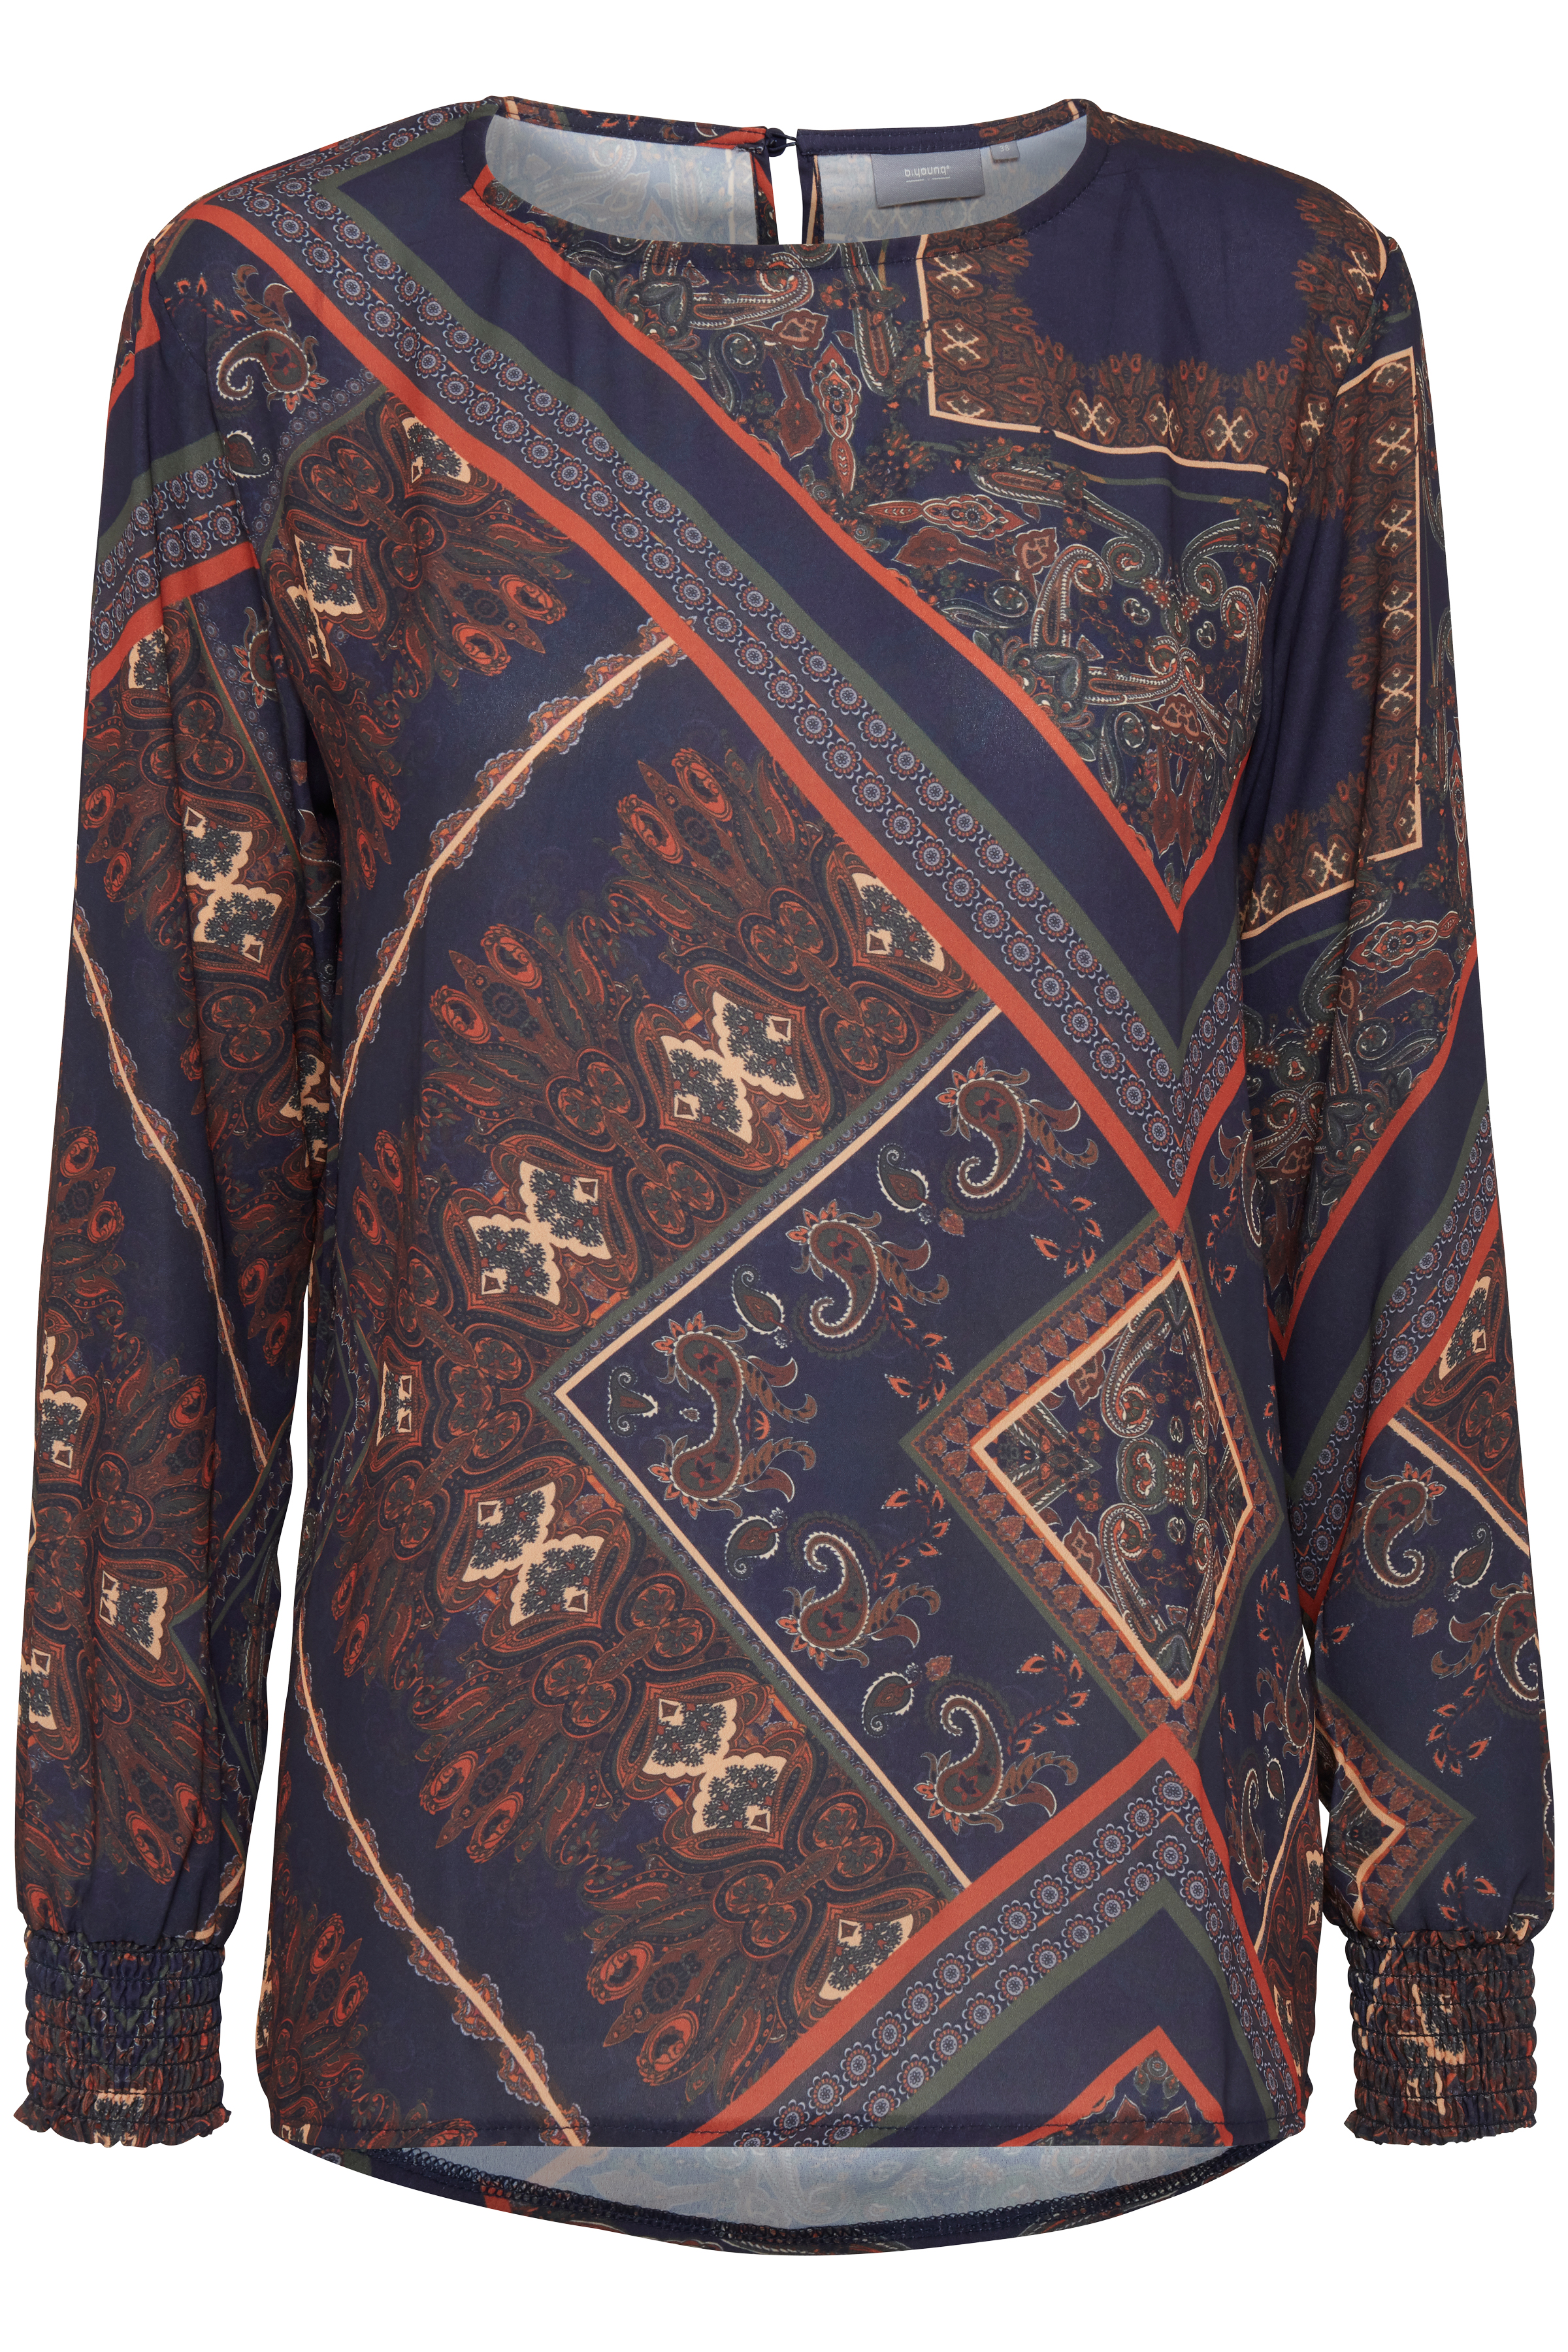 Blue combi 2 Langærmet bluse fra b.young – Køb Blue combi 2 Langærmet bluse fra str. 34-42 her